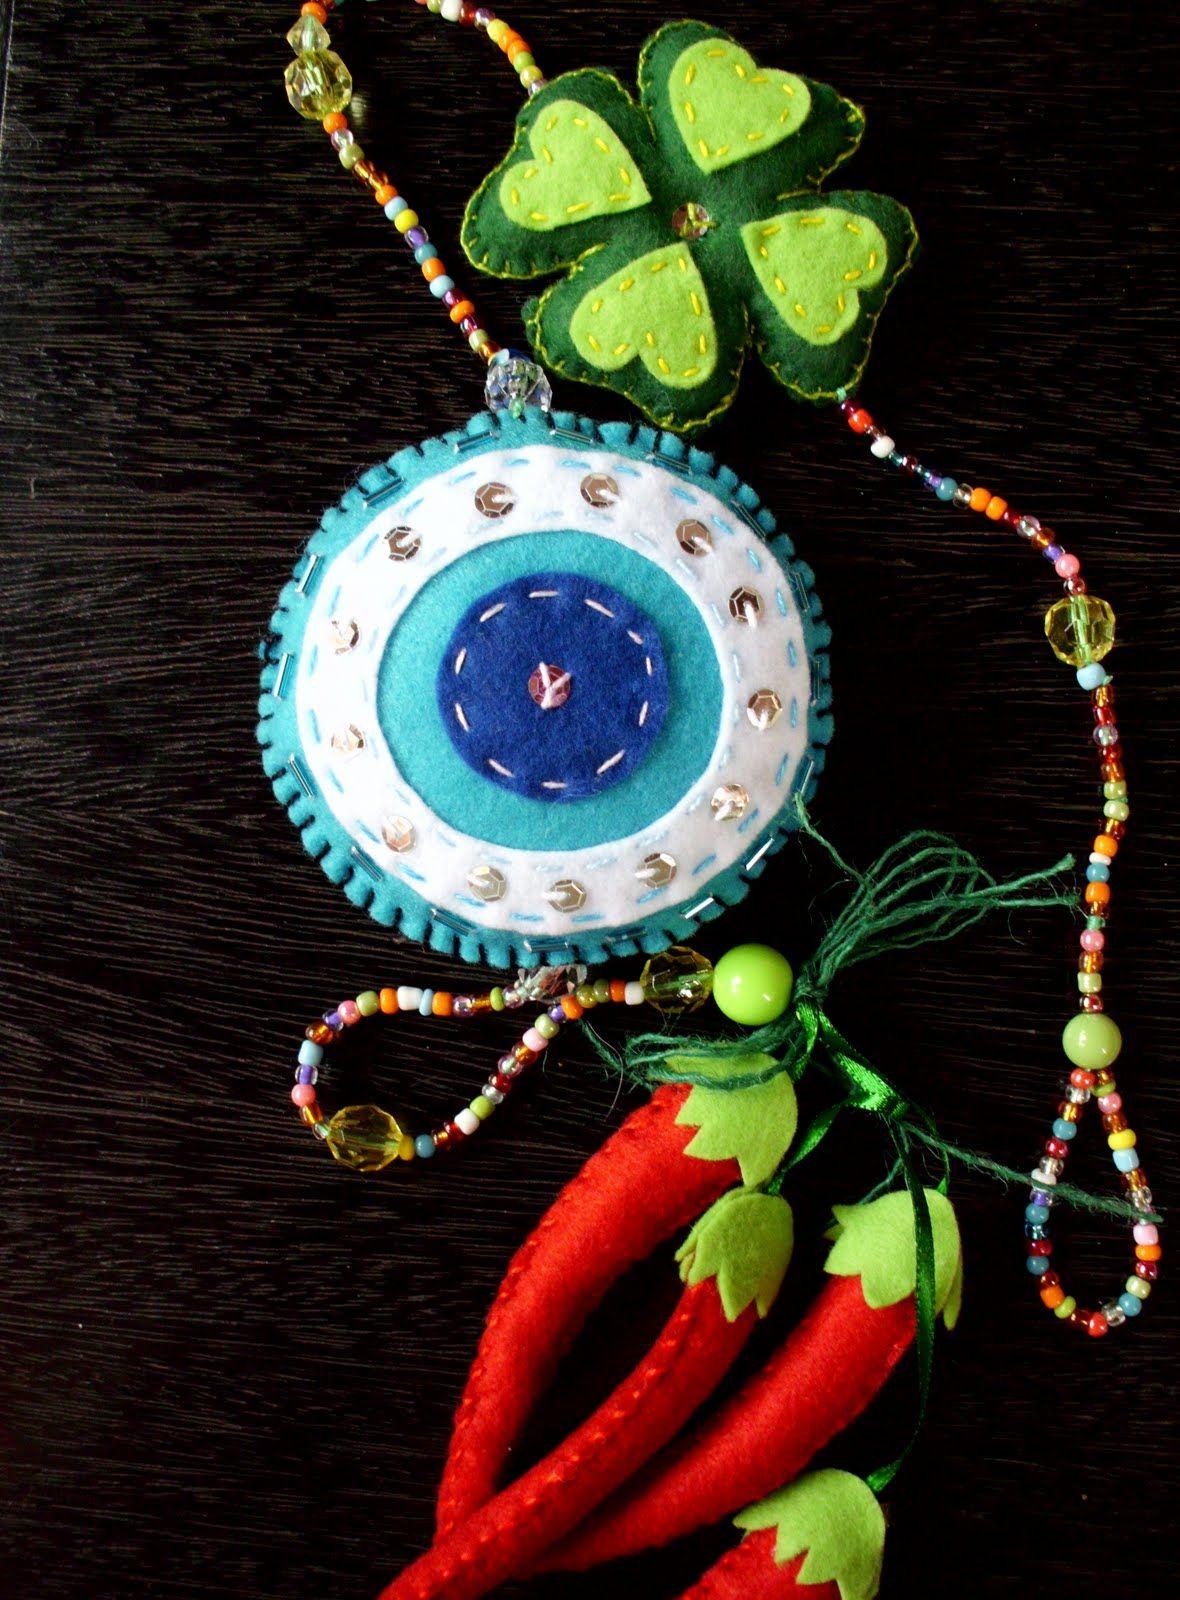 Aparador Inox Madeira ~ Donna Mina Olho grego em feltro Artesanato Pinterest Olho grego, Grego e Olho